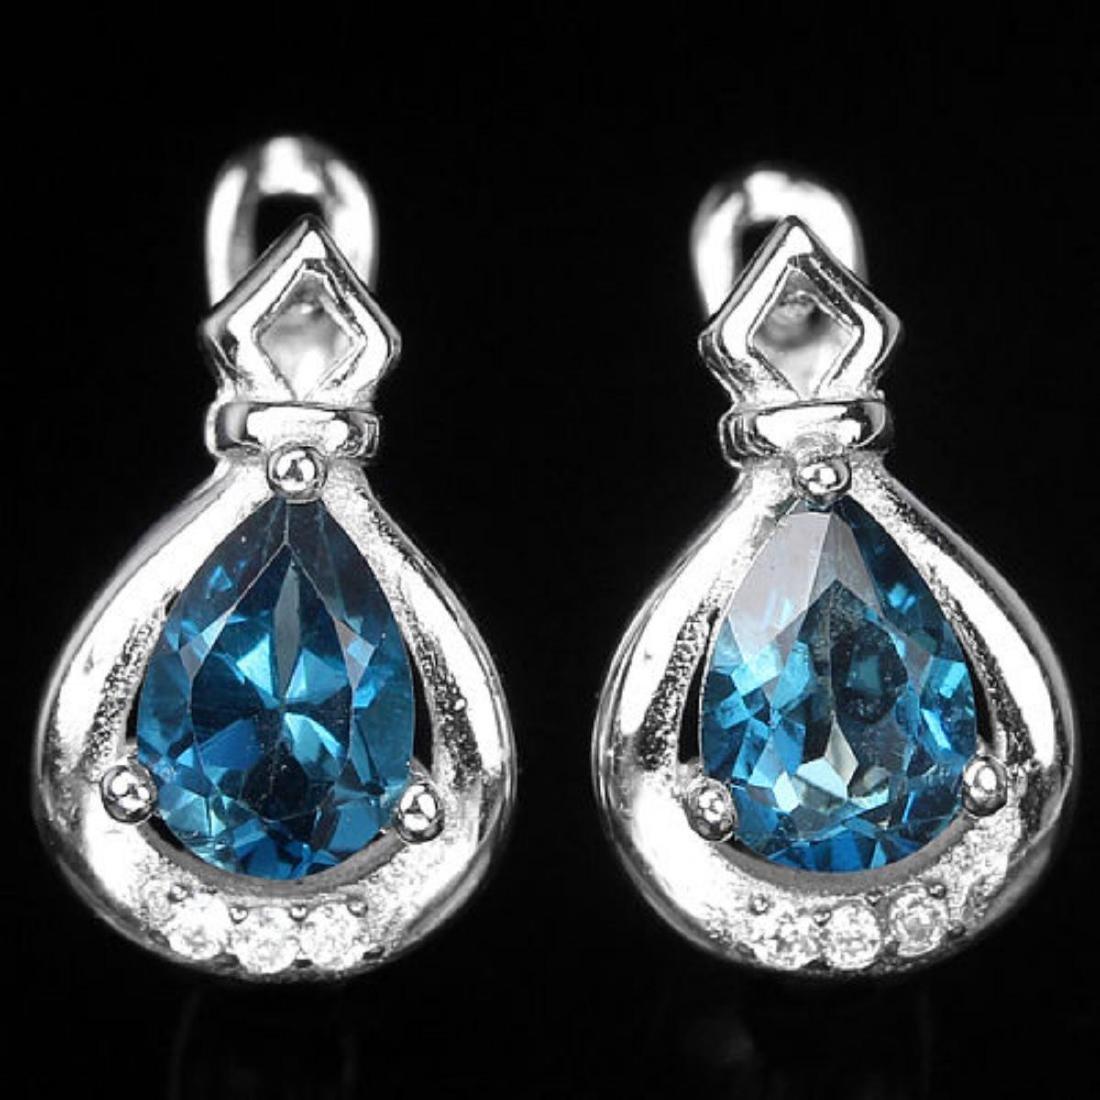 Natural London Blue Topaz Earrings